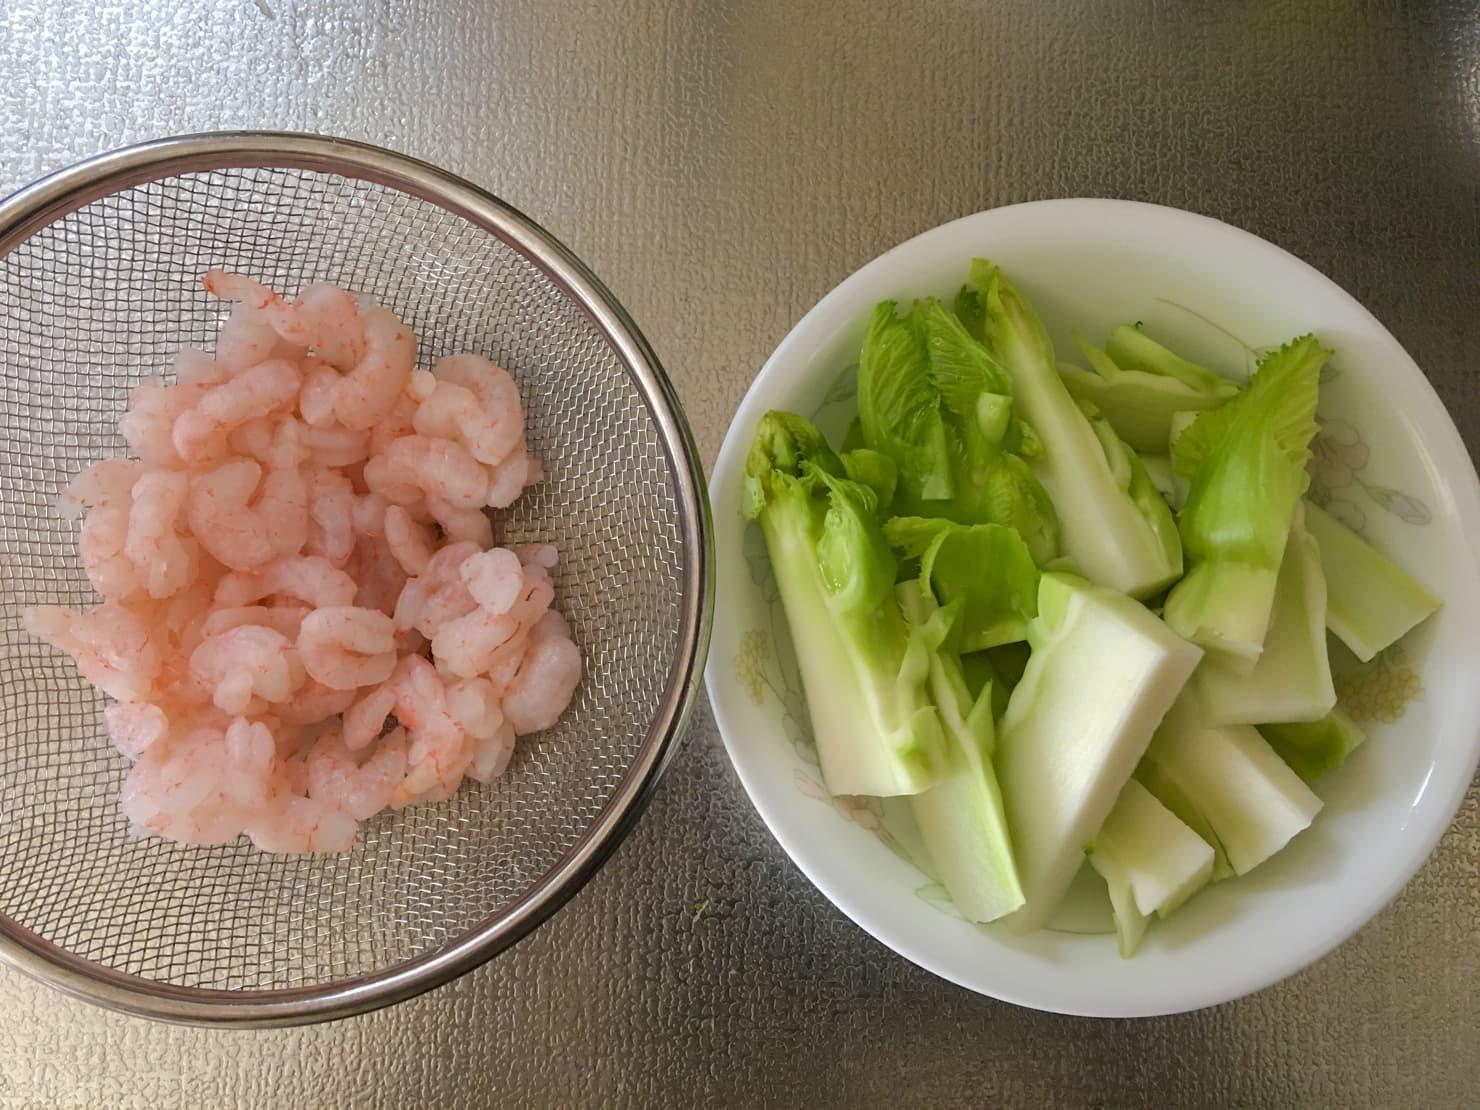 子持ち高菜と小エビの下処理後の写真